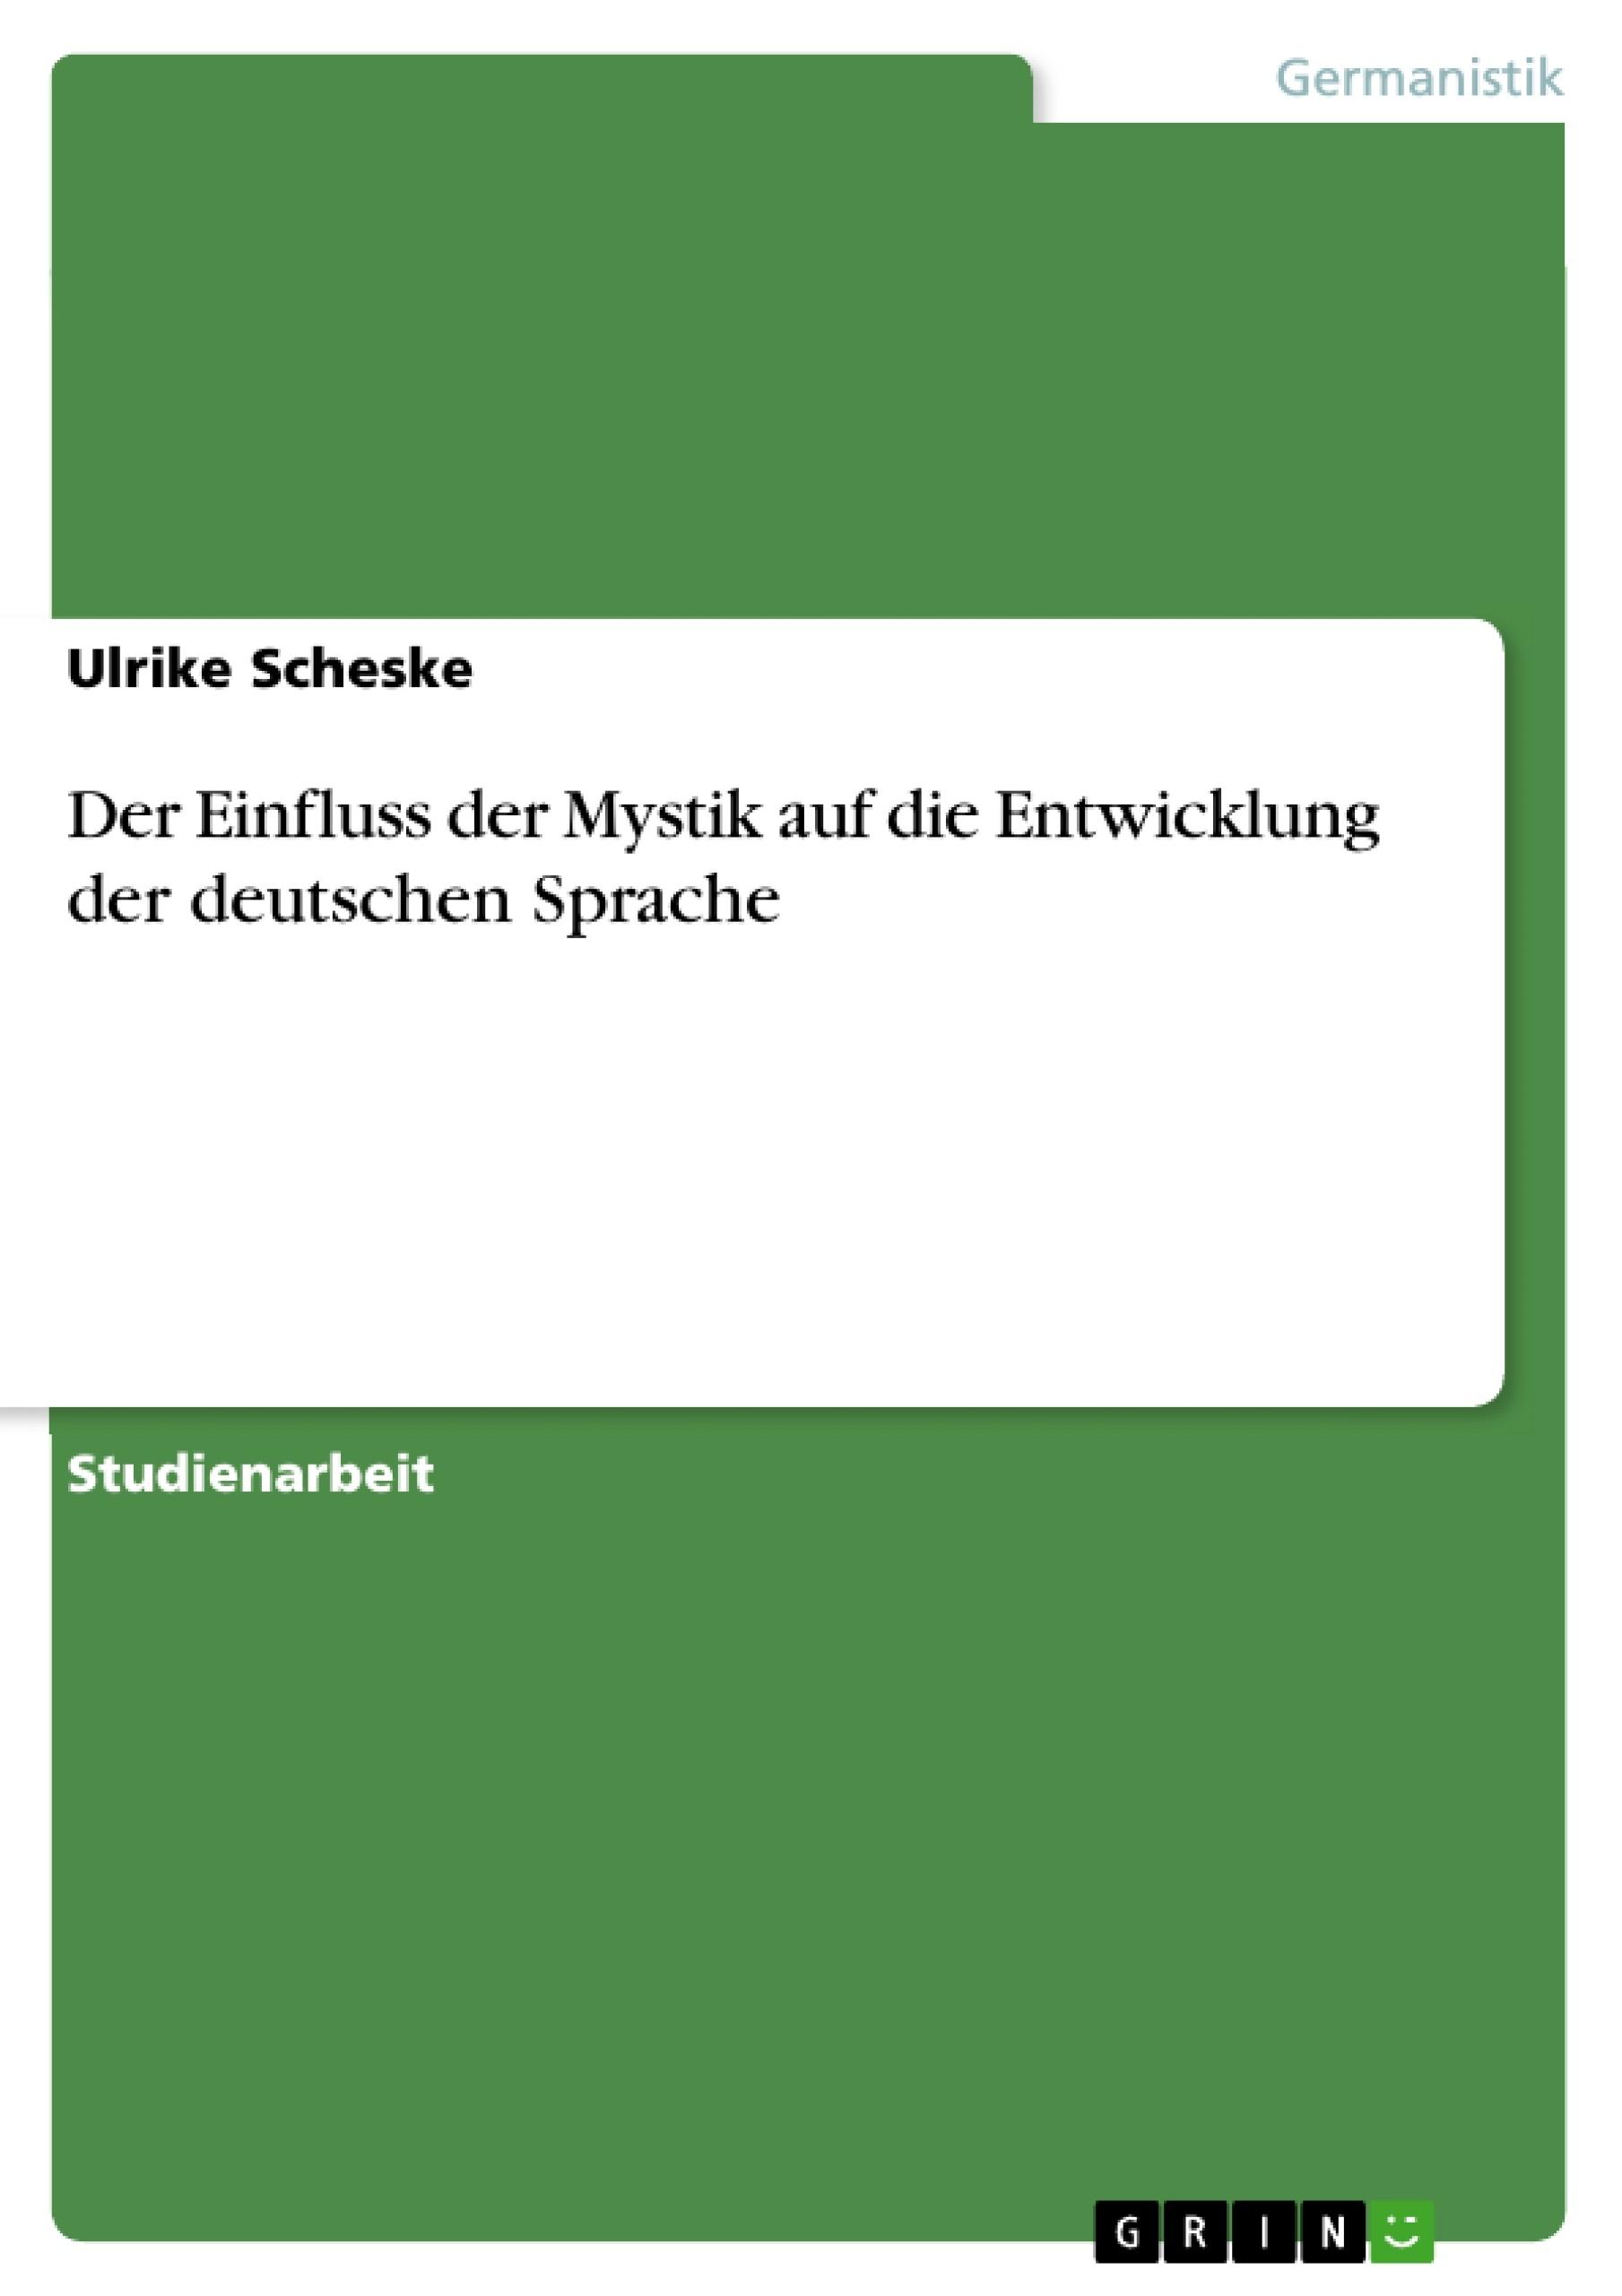 Titel: Der Einfluss der Mystik auf die Entwicklung der deutschen Sprache